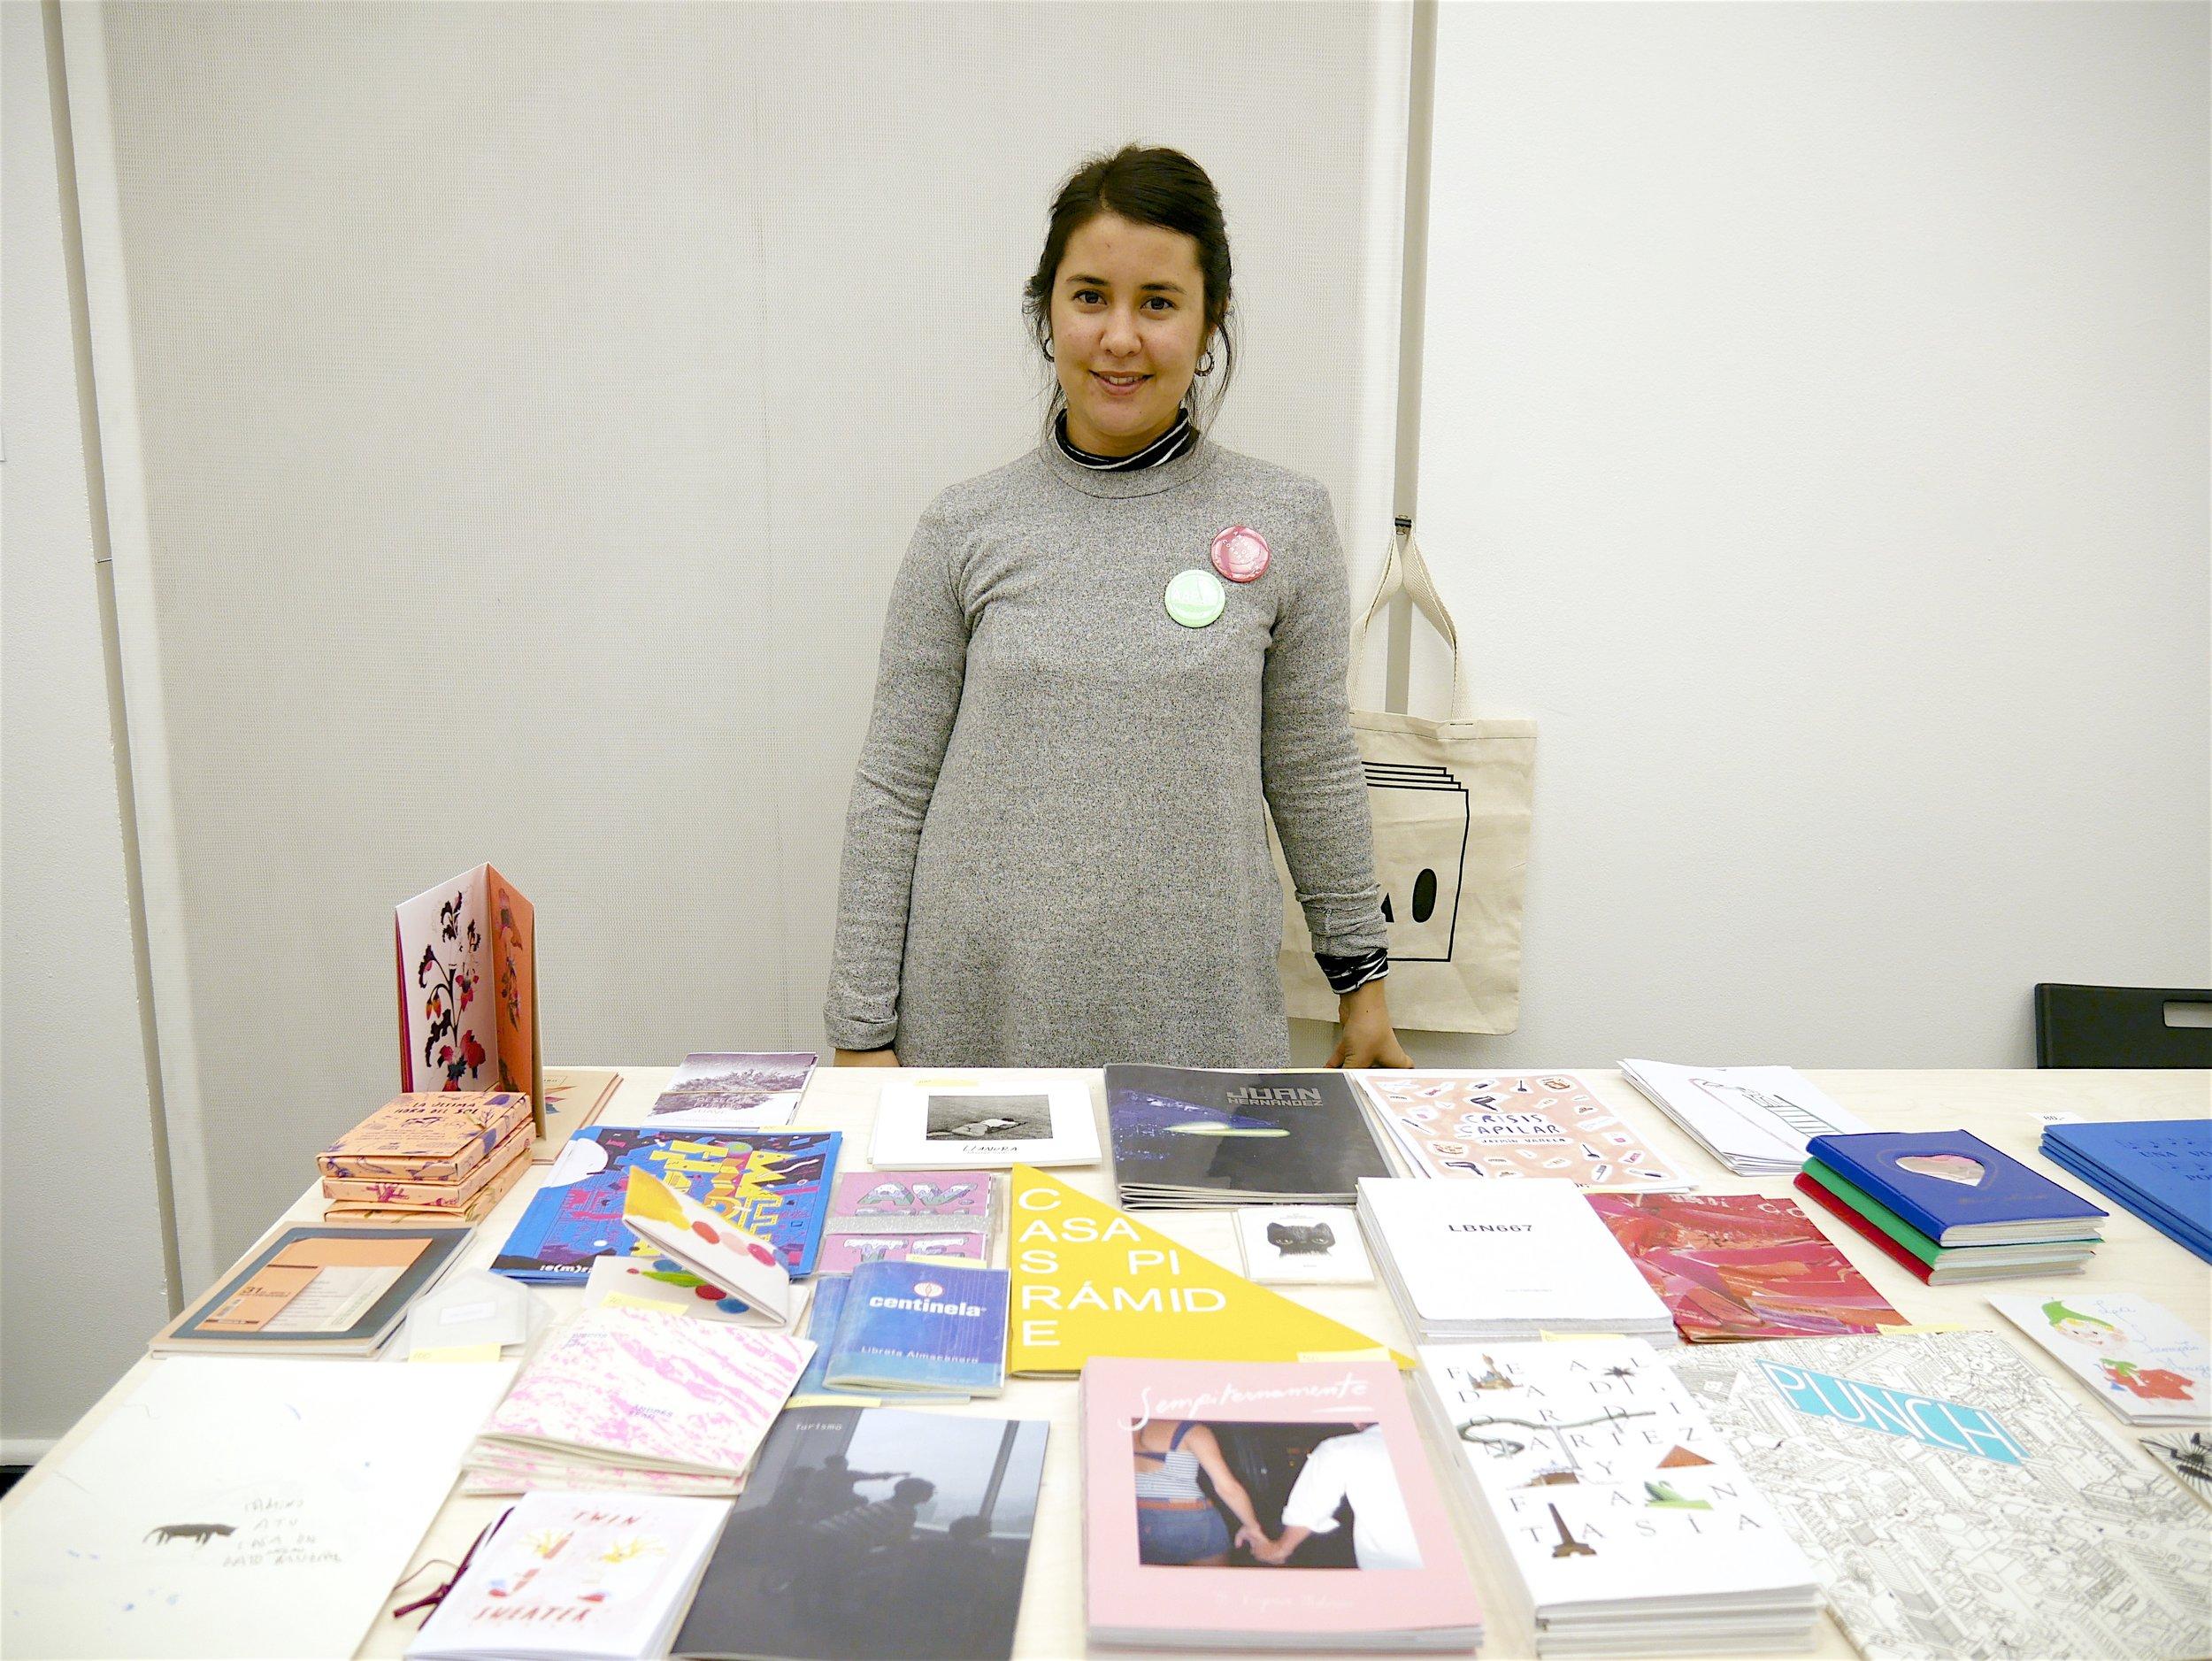 María Virginia Molinari from AAPIE